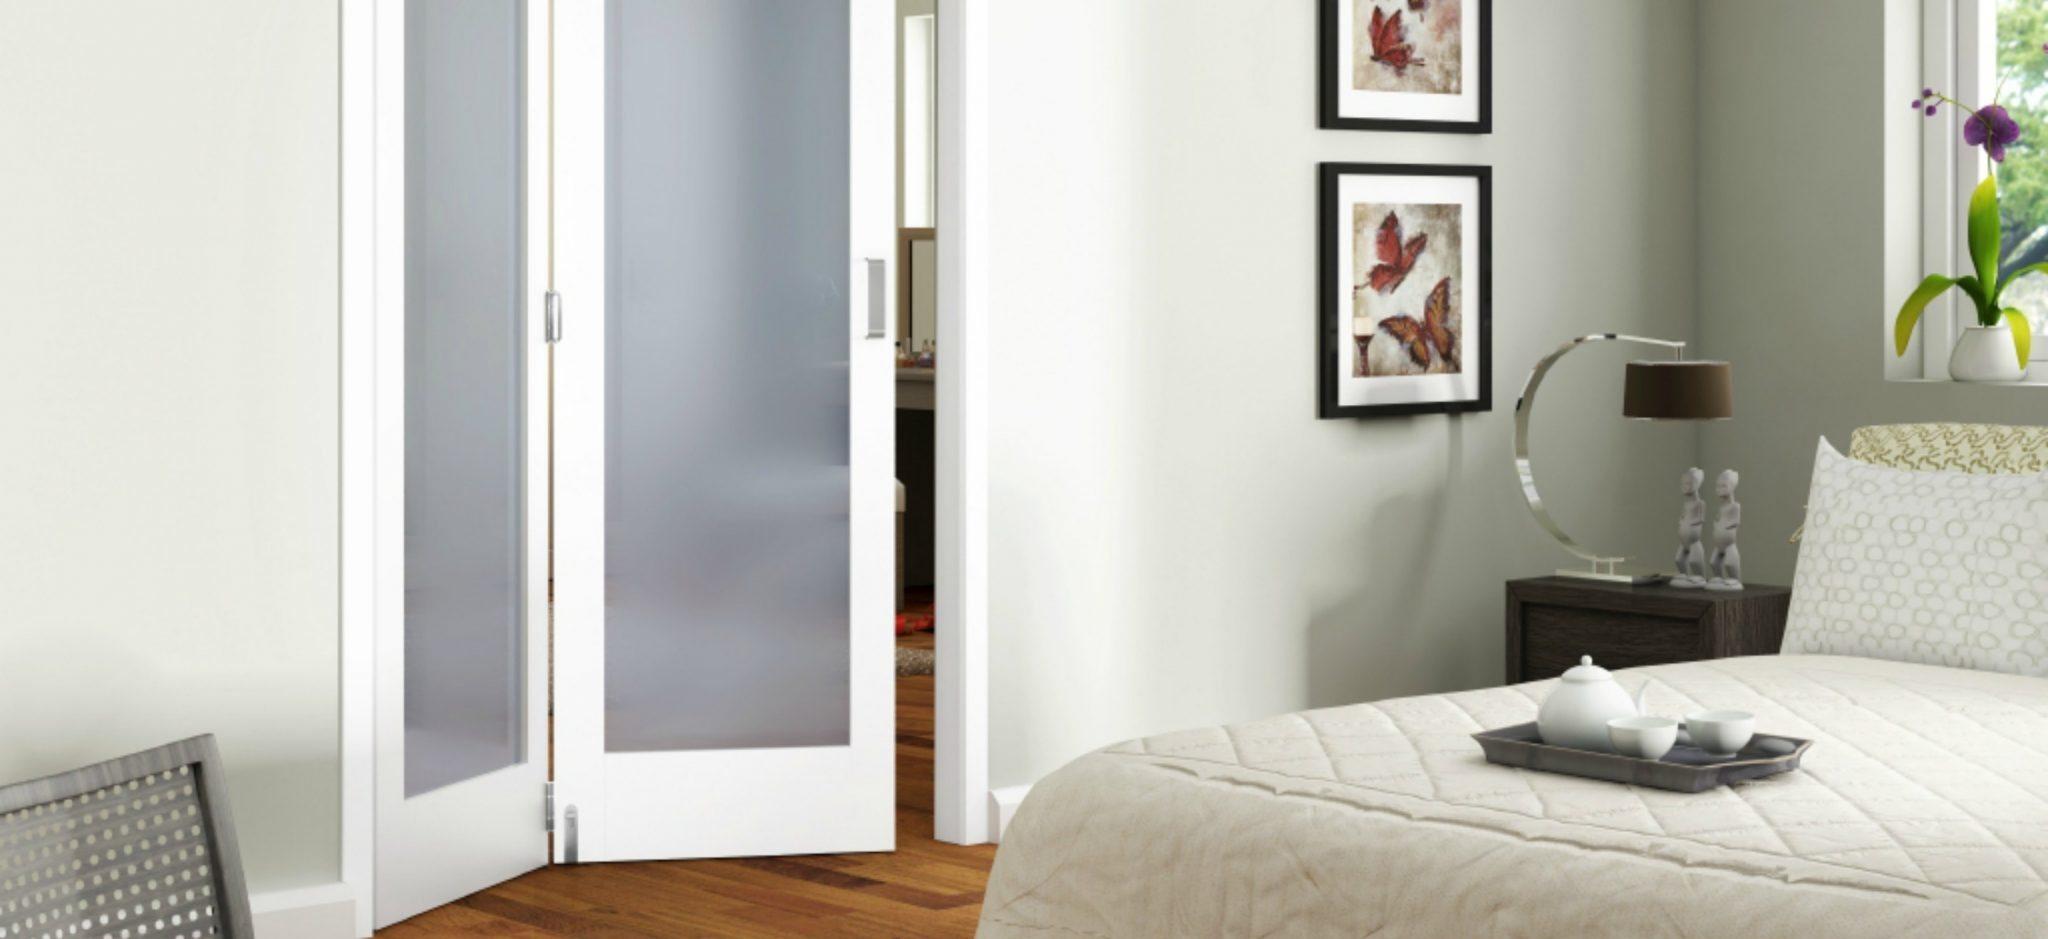 Internal bifold doors from doors more - How much are bifold exterior doors ...